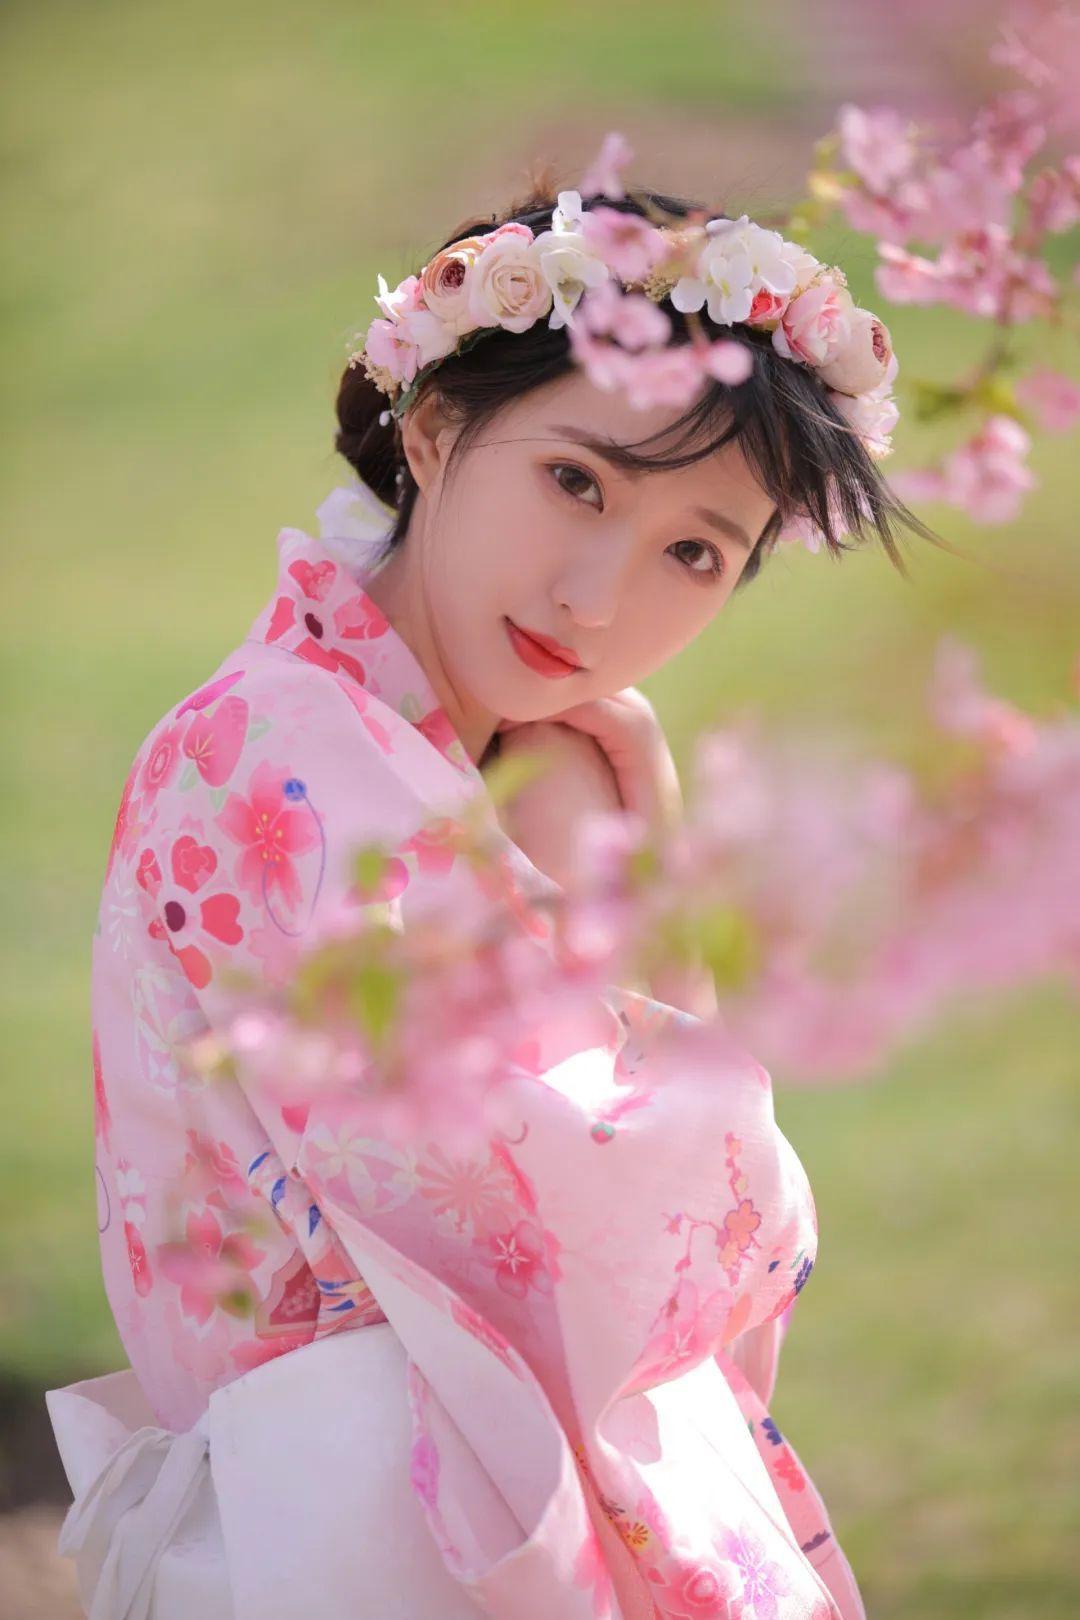 妹子摄影 – 粉粉的日系少女樱花树下写真_图片 No.11